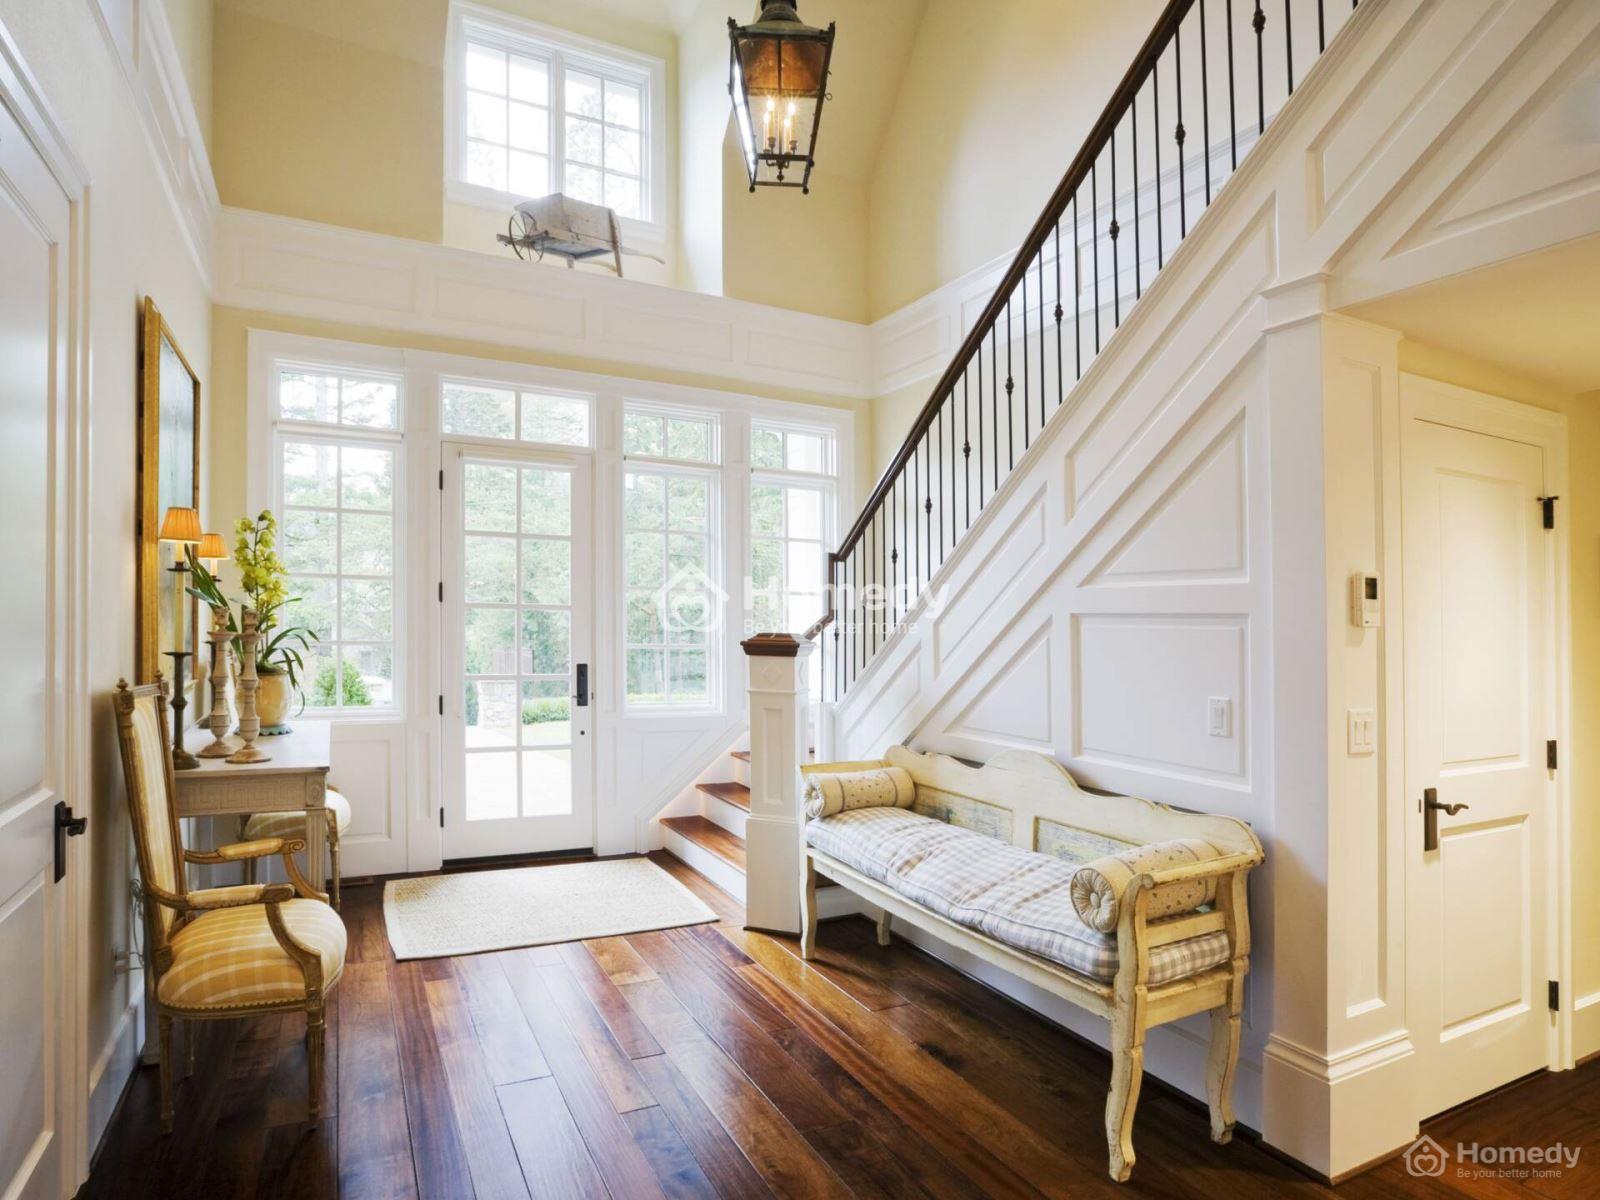 Cầu thang giữa nhà đối diện cửa chính gây ảnh hưởng xấu sức khỏe gia chủ